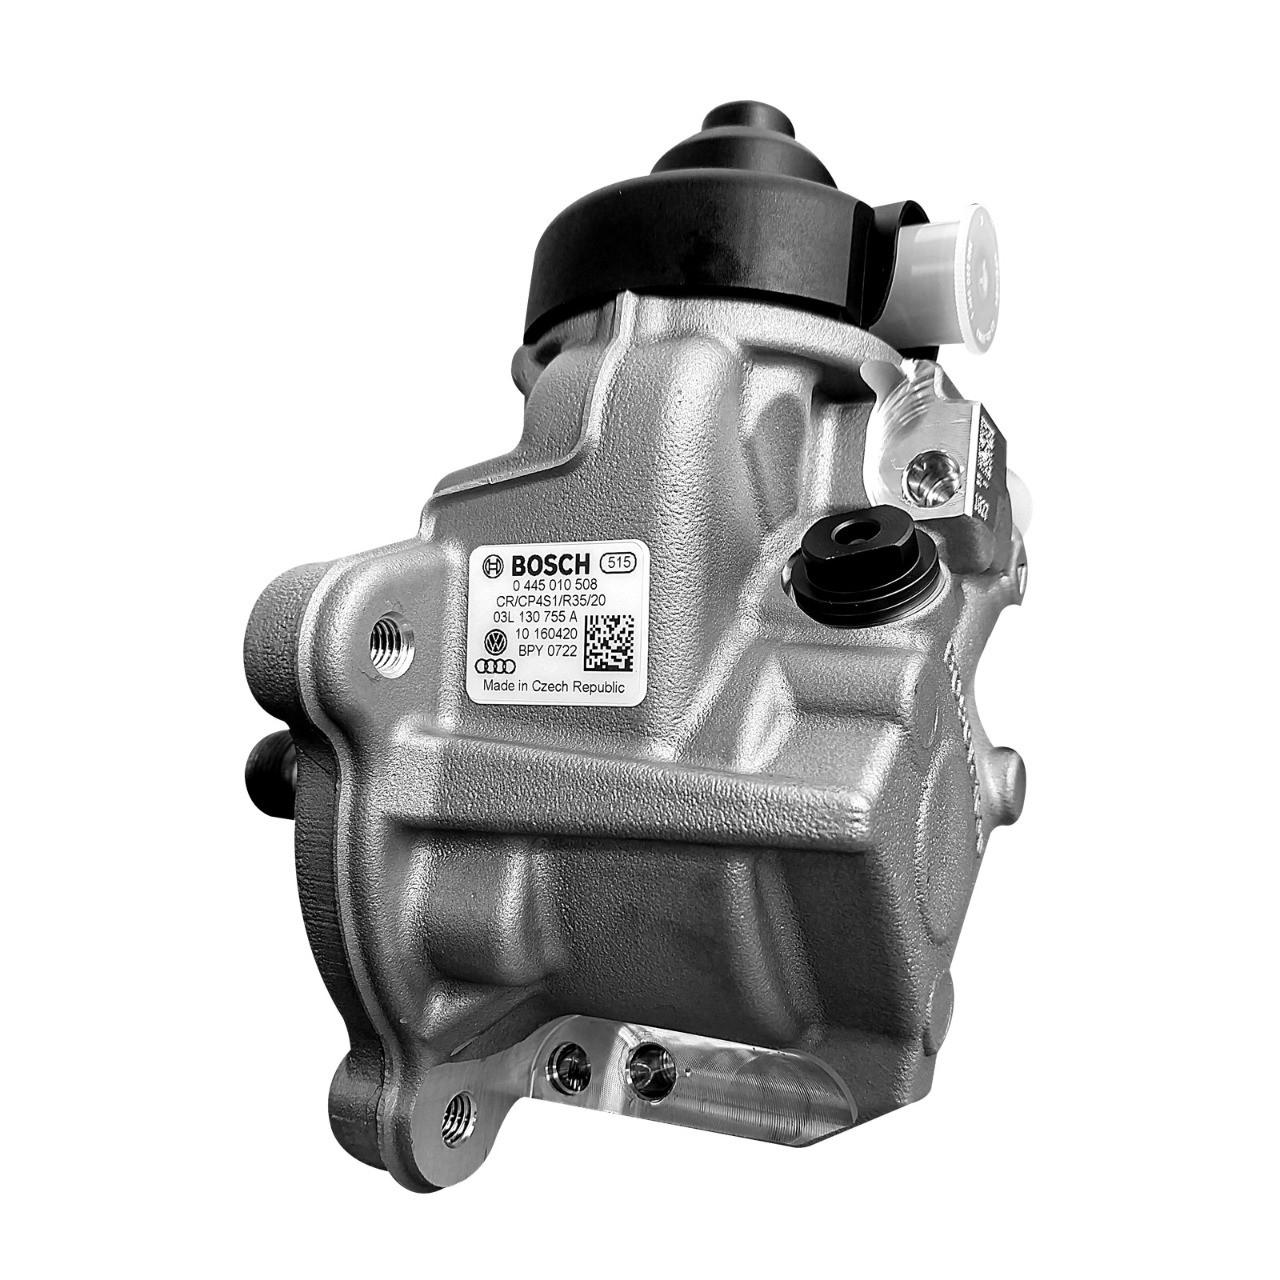 Bomba de Alta Pressão Amarok 2.0 16v TDI Ano 2012 a 2017 Euro V Nova Original Bosch